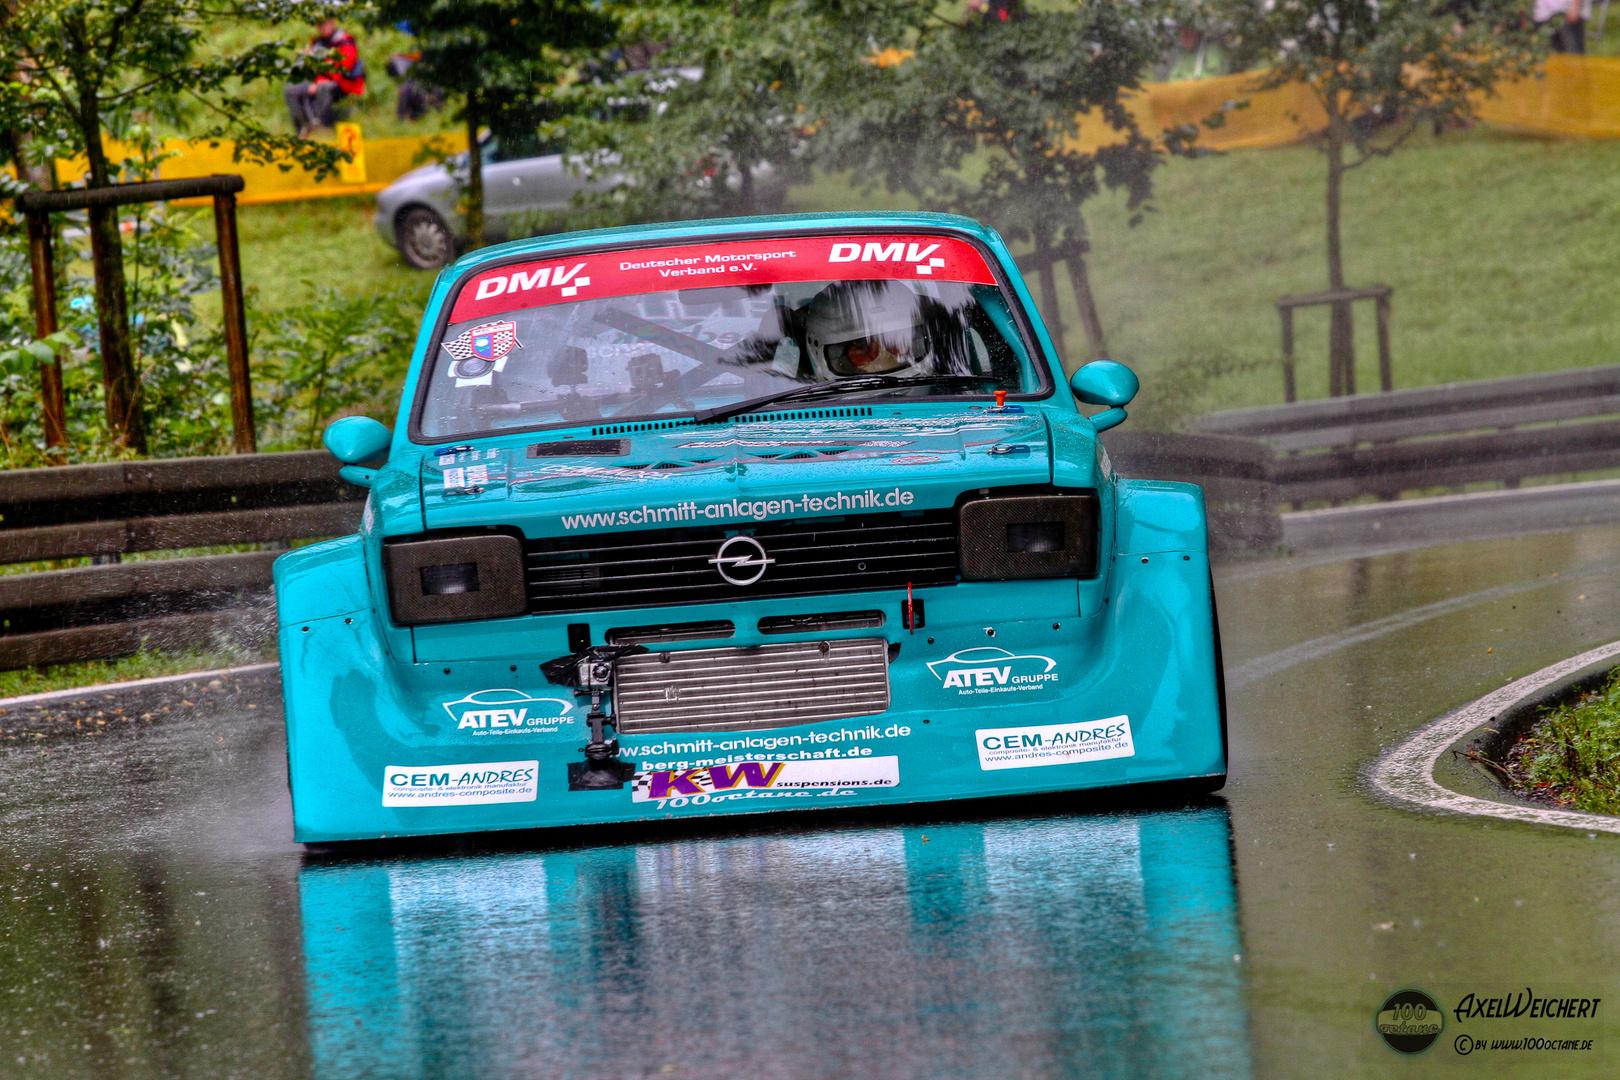 Opel Gerent Kadett CQP Evo 2 - Sebastian Schmitt - Glasbach 2012